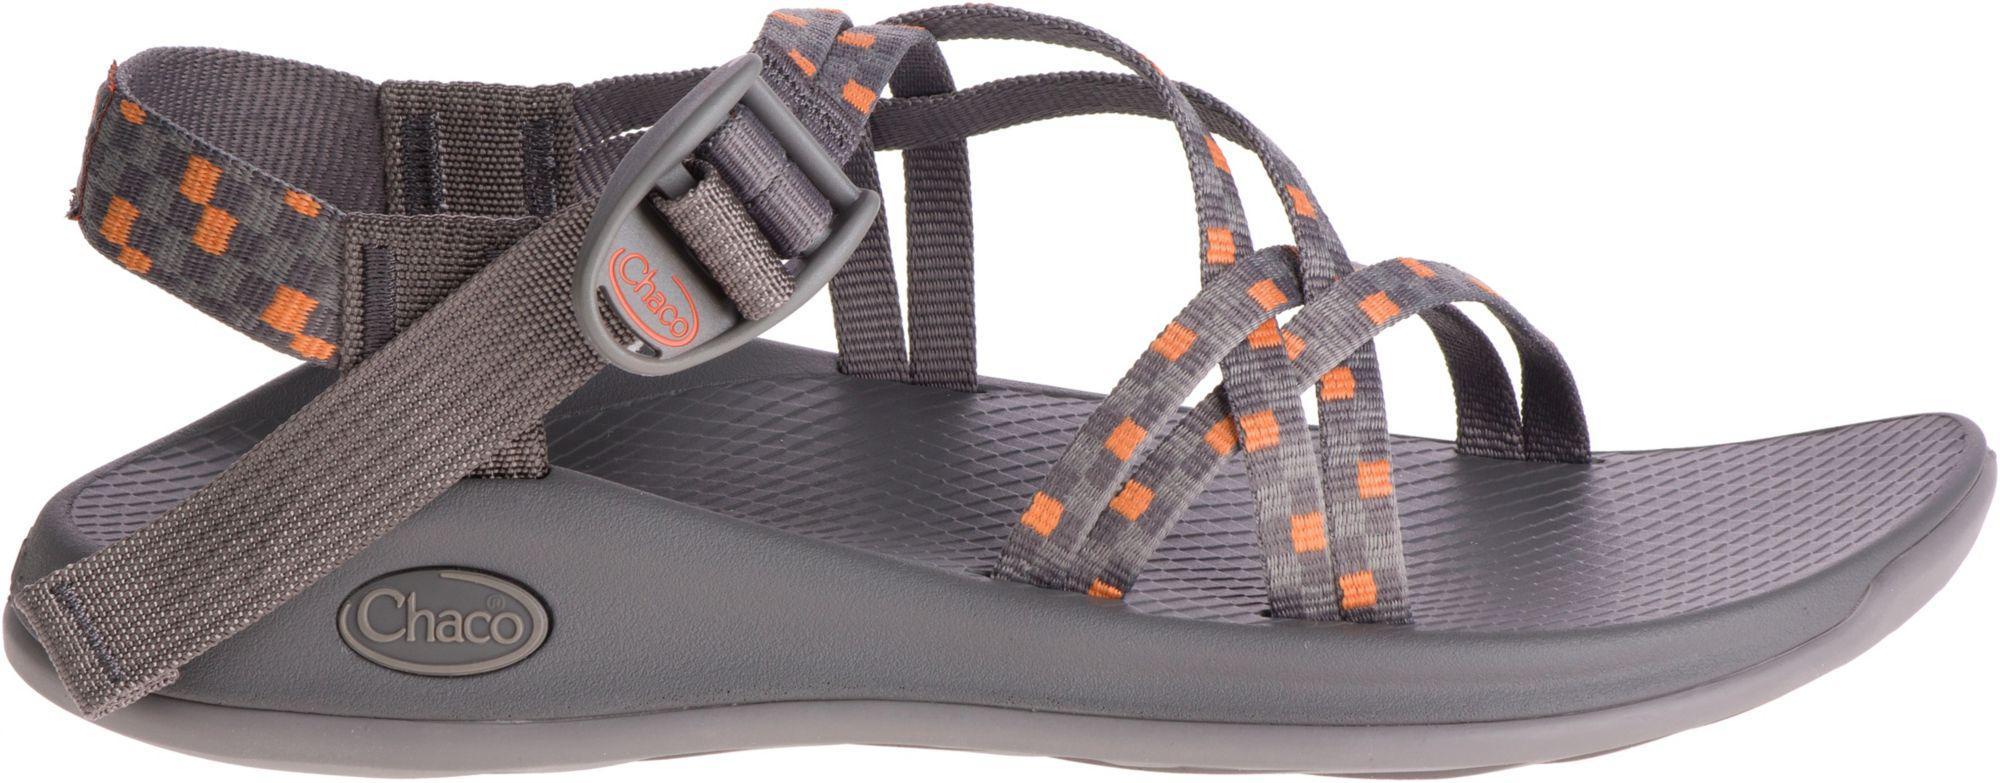 bfa9ff94060e Lyst - Chaco Z eddy X1 Sandals